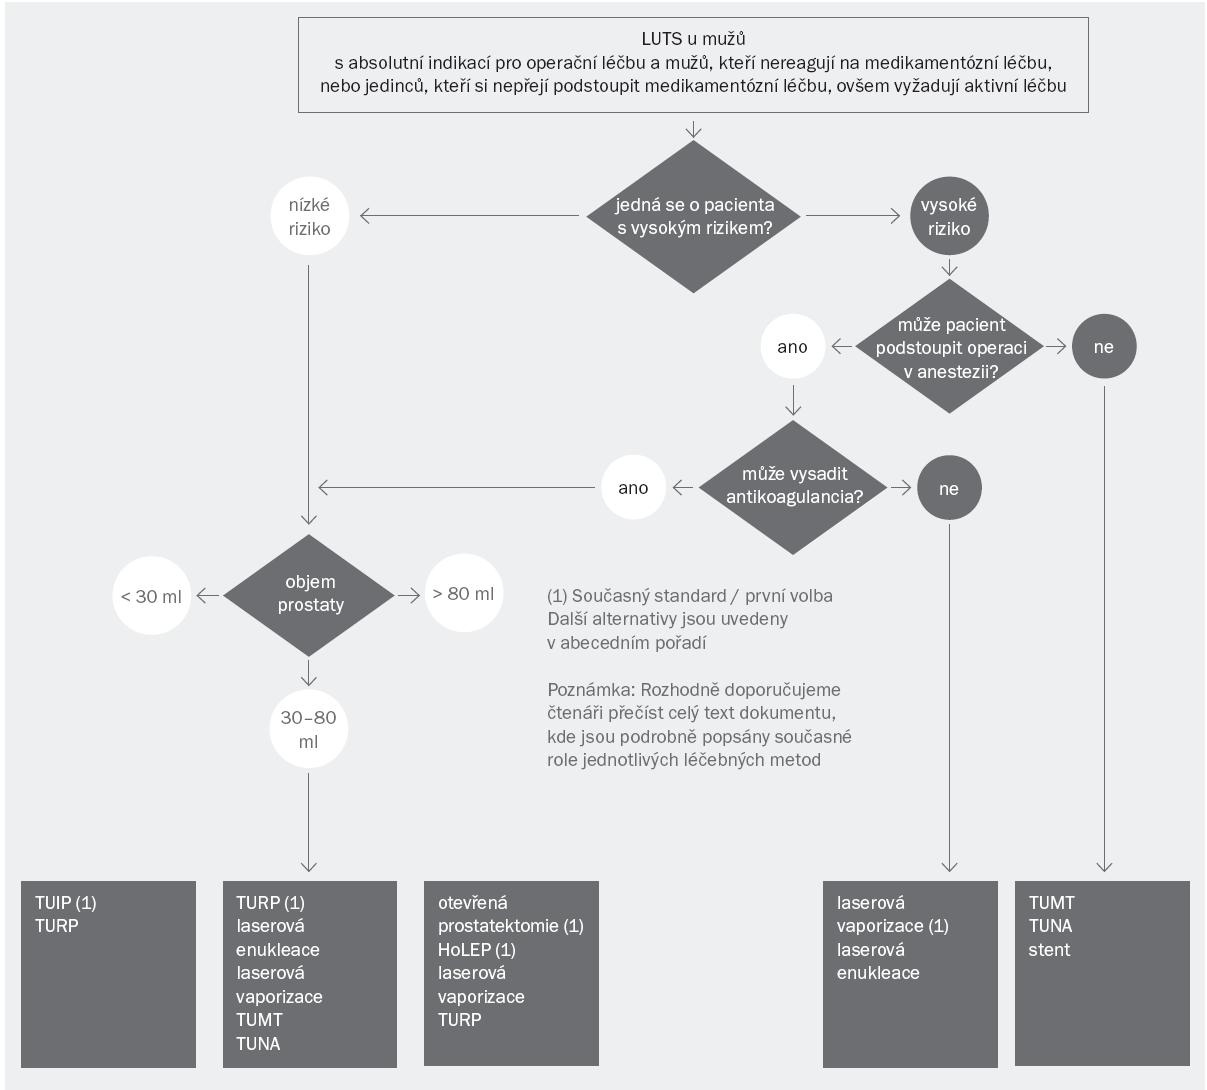 Schéma 3. Algoritmus pro léčbu obtížných symptomů dolních cest močových (LUTS) refrakterních na konzervativní/medikamentózní léčbu a symptomů u pacientů s absolutní indikací pro operační léčbu (např. močová retence, recidivující infekce močových cest, konkrementy v močovém měchýři nebo divertikl, makroskopická hematurie rezistentní na léčbu nebo dilatace horních cest močových v důsledku benigní prostatické obstrukce s nebo bez renální insuficience). Tento diagram byl seřazen podle schopnosti pacienta podstoupit anestezii, jeho kardiovaskulárního rizika a velikosti prostaty. Volba operační techniky však rovněž závisí na preferencích pacienta, jeho ochotě snášet nežádoucí účinky spojené s operací, technické vybavenosti a zkušenosti operatéra s operační technikou. HoLEP – laserová enukleace prostaty pomocí holmium laseru; laserová vaporizace zahrnuje vaporizaci pomocí GreenLight laseru, thuliového a diodového laseru; laserová enukleace zahrnuje enukleaci pomocí holmium a thuliového laseru; TUIP – transuretrální incize prostaty; TUMT – transuretrální terapie pomocí mikrovln; TUNA – transuretrální ablace prostaty pomocí jehly; TURP – transuretrální resekce prostaty (monopolární nebo bipolární)